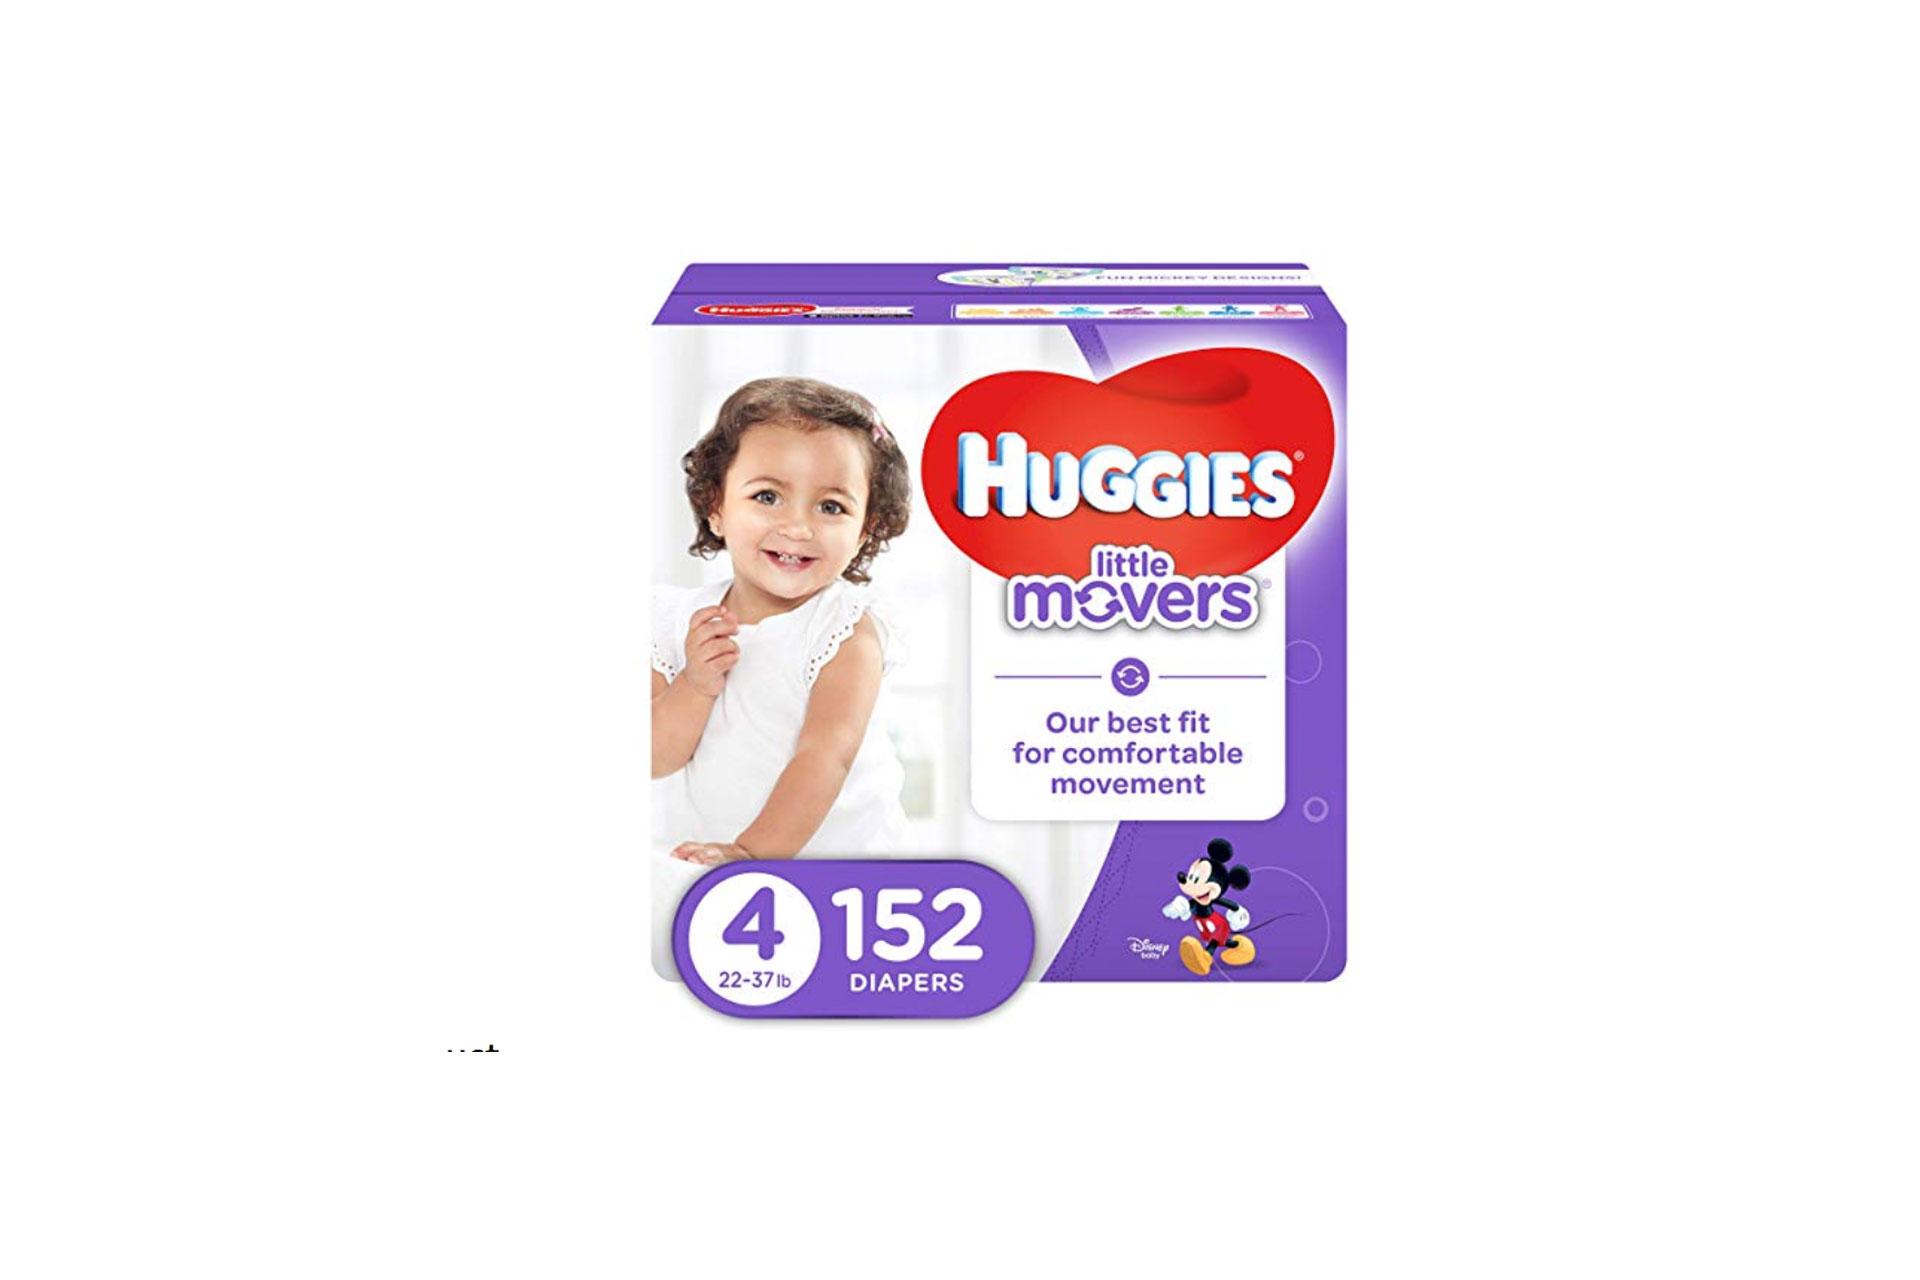 Huggies Little Movers; Courtesy of Amazon